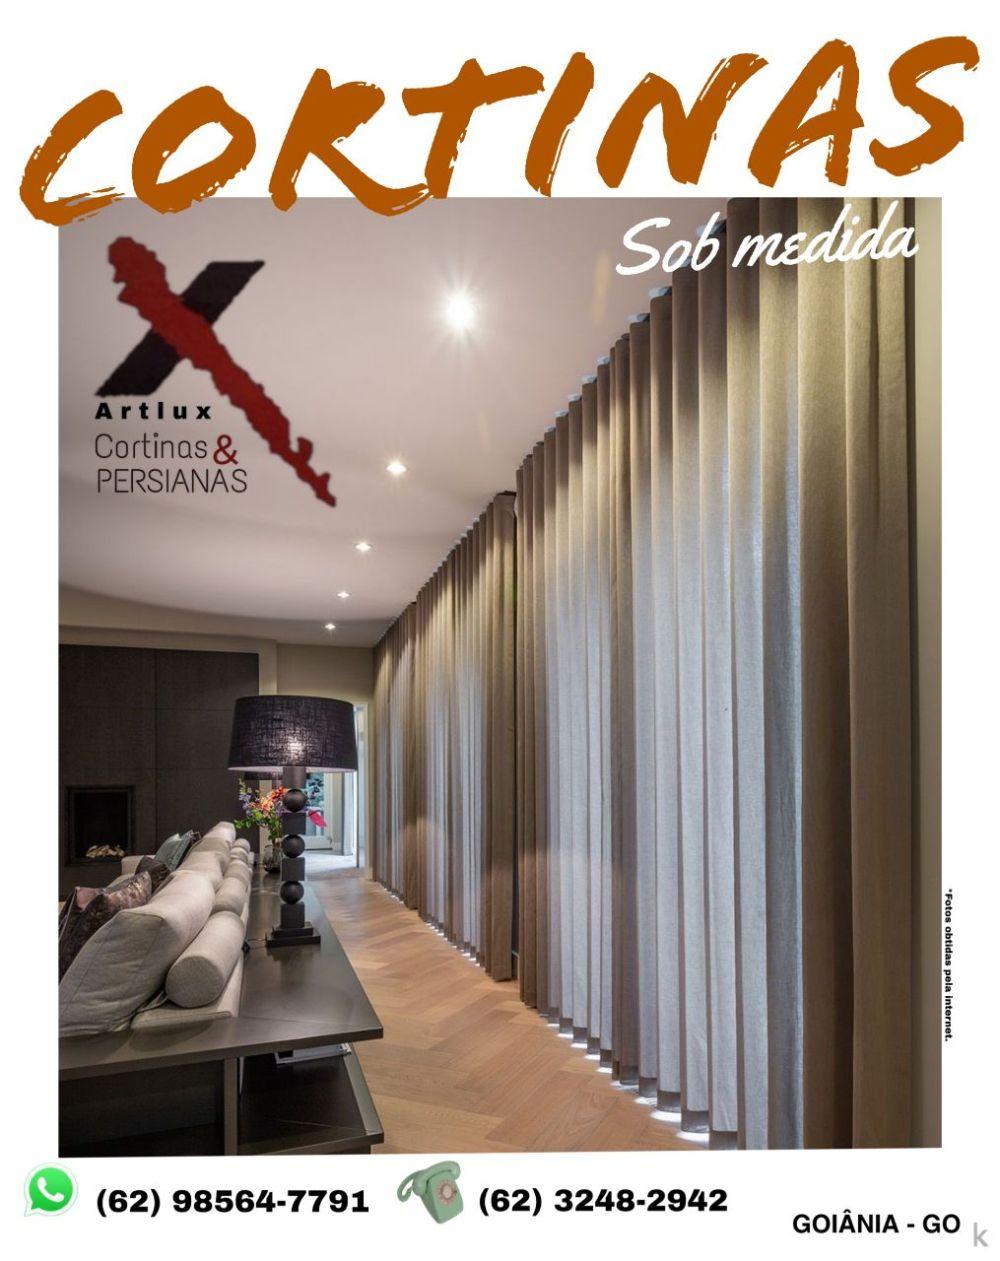 Cortinas em Goiânia |Cortinas de Tecido - Artlux